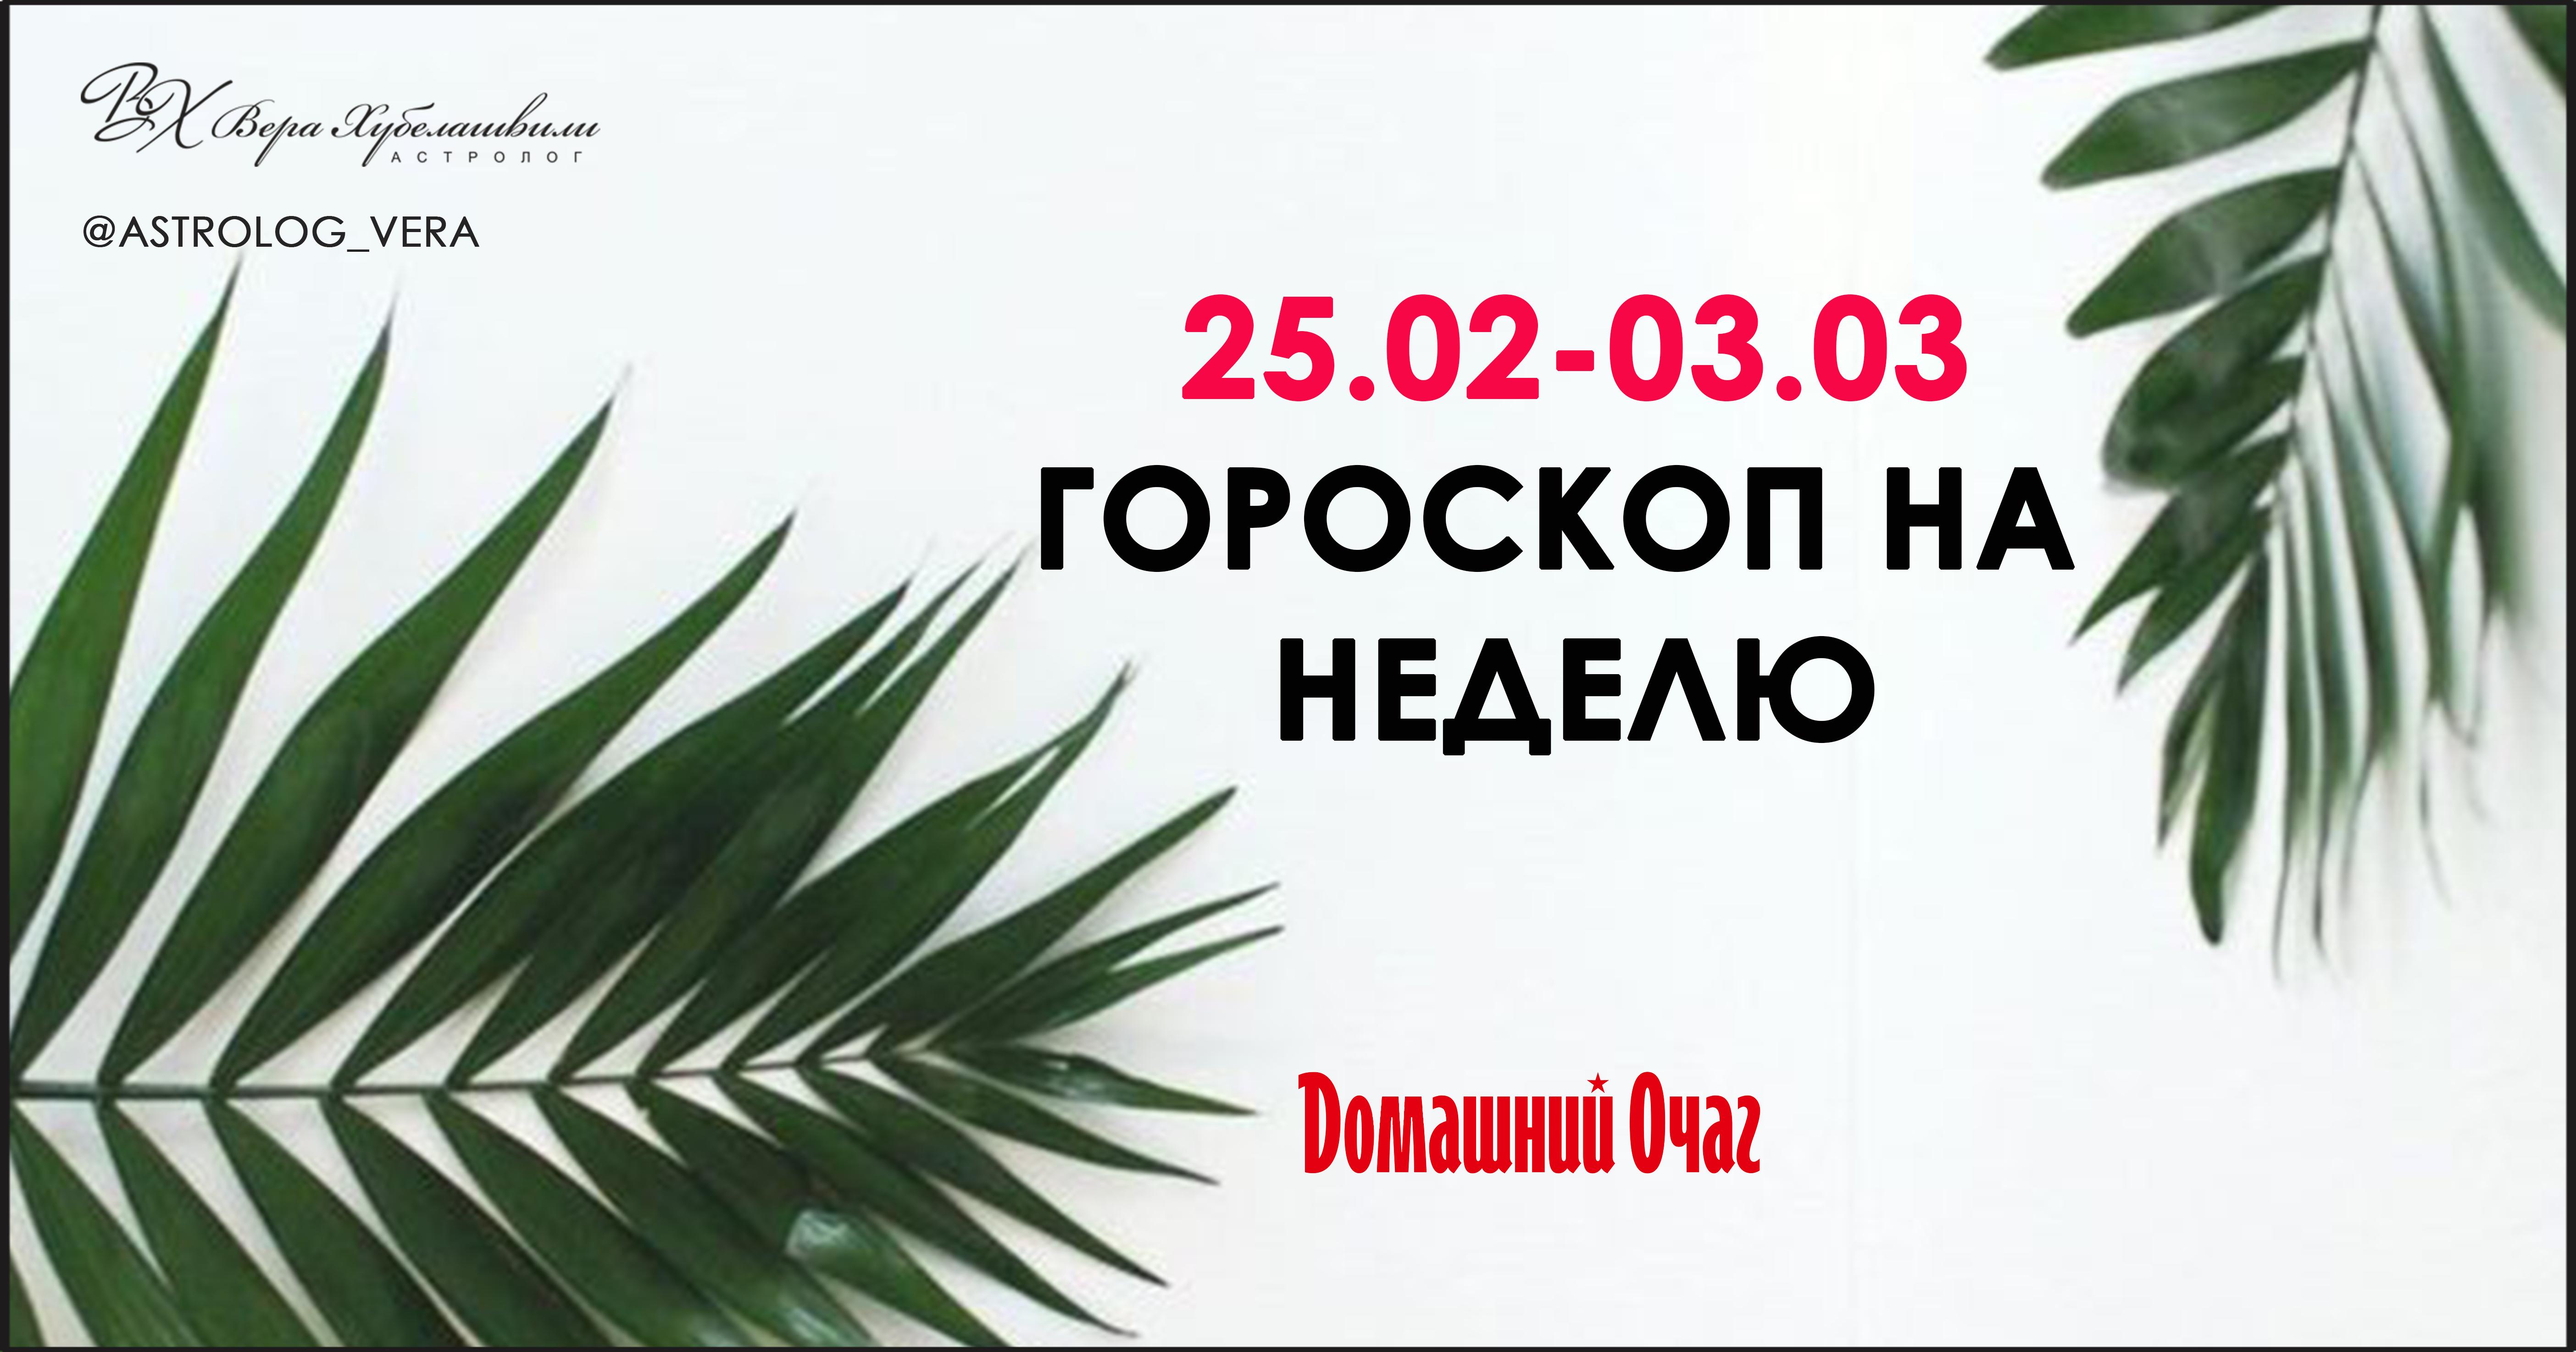 АСТРОЛОГИЧЕСКИЙ ПРОГНОЗ 25 ФЕВРАЛЯ - 3 МАРТА 2019 (ДОМАШНИЙ ОЧАГ)